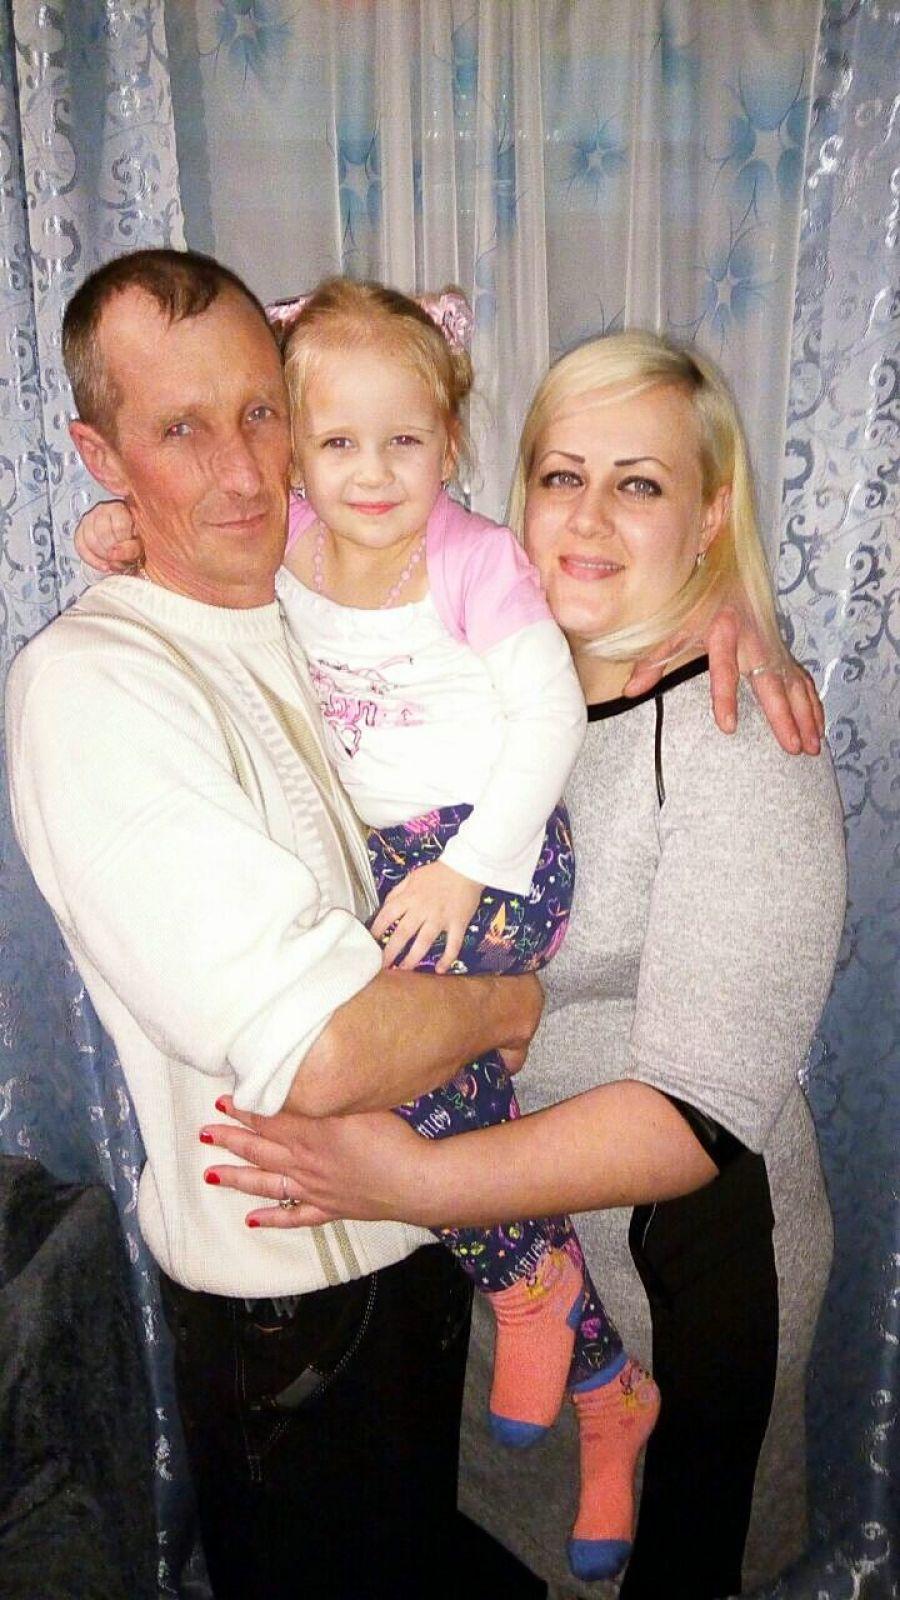 Поцелует мама в щёчку и счастливой станет дочка. Приобнимет дядя   чуть — распирает счастьем грудь. Скажет мама : «Ты красива!,»-  И уже хожу счастливой, И, как шарик я, воздушный! Как для счастья мало нужно. Титовы Варвара(4 года), Евгения Валерьевна, Дядя Дмитрий.